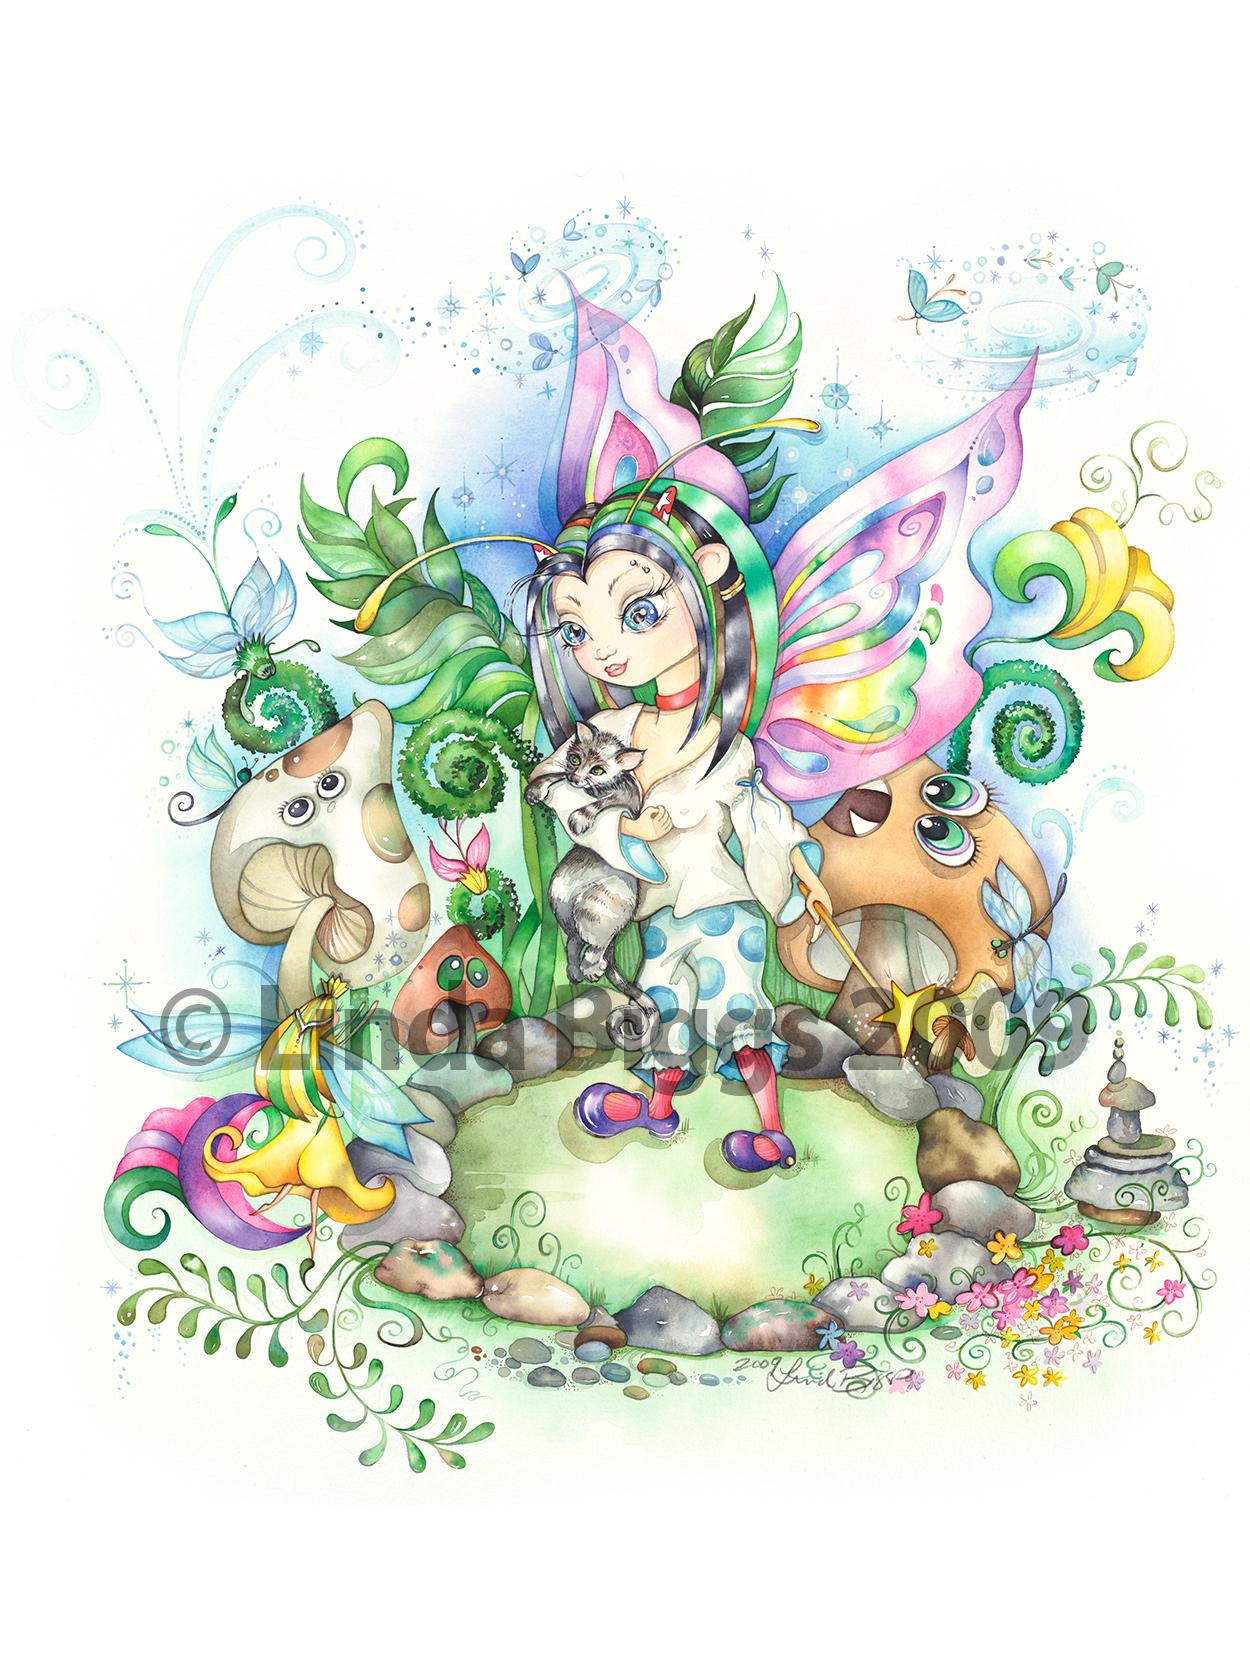 Tiny in Fairyland